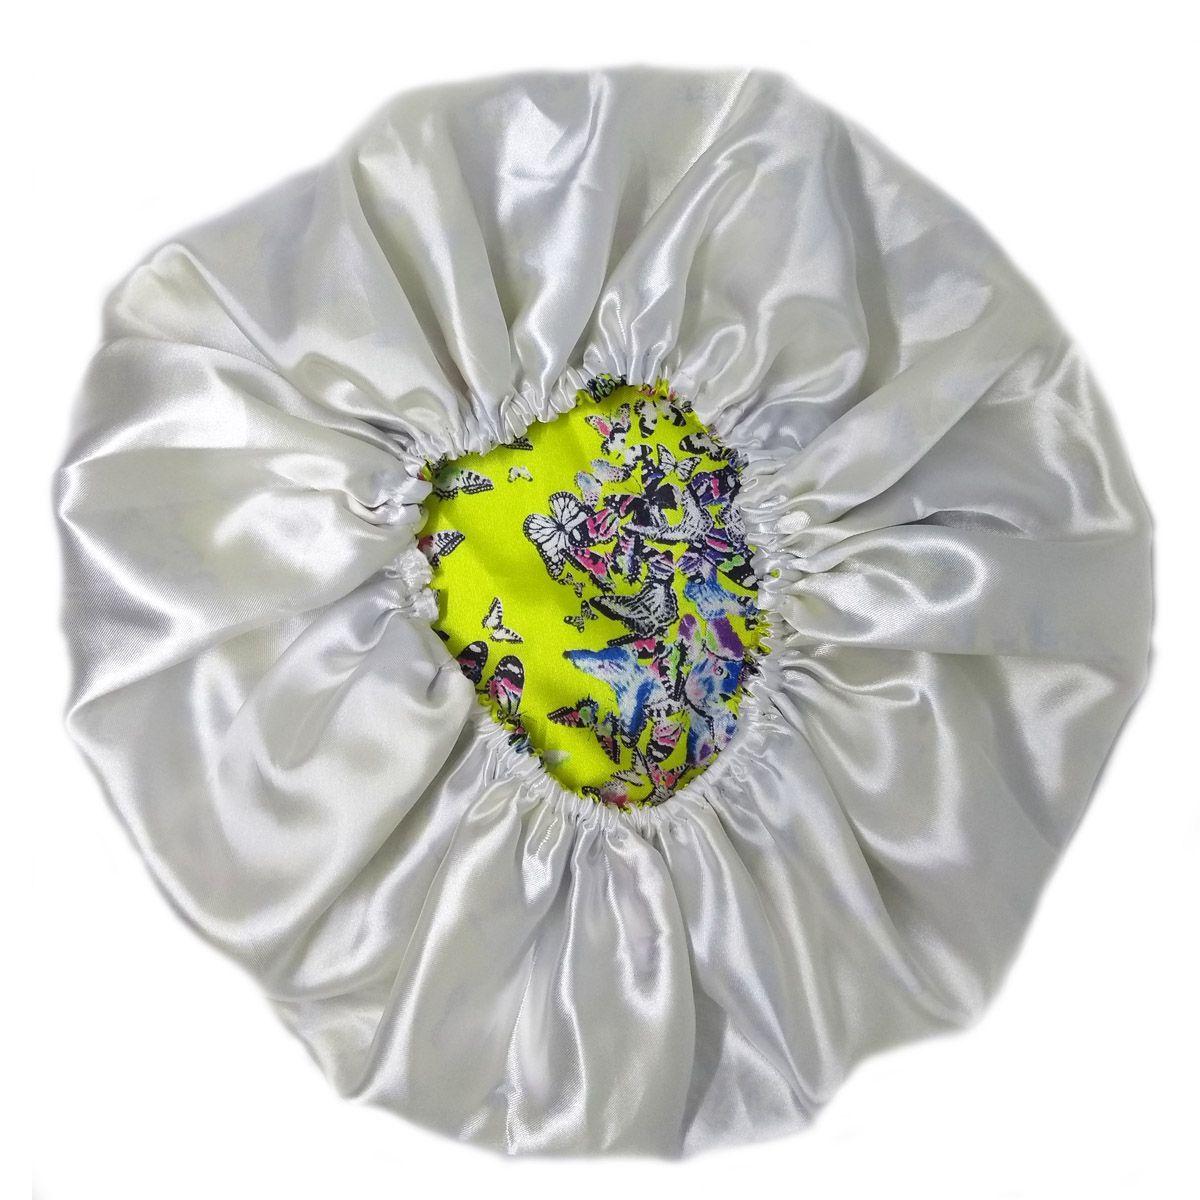 Touca de Cetim Dupla Face Amarela com borboletas